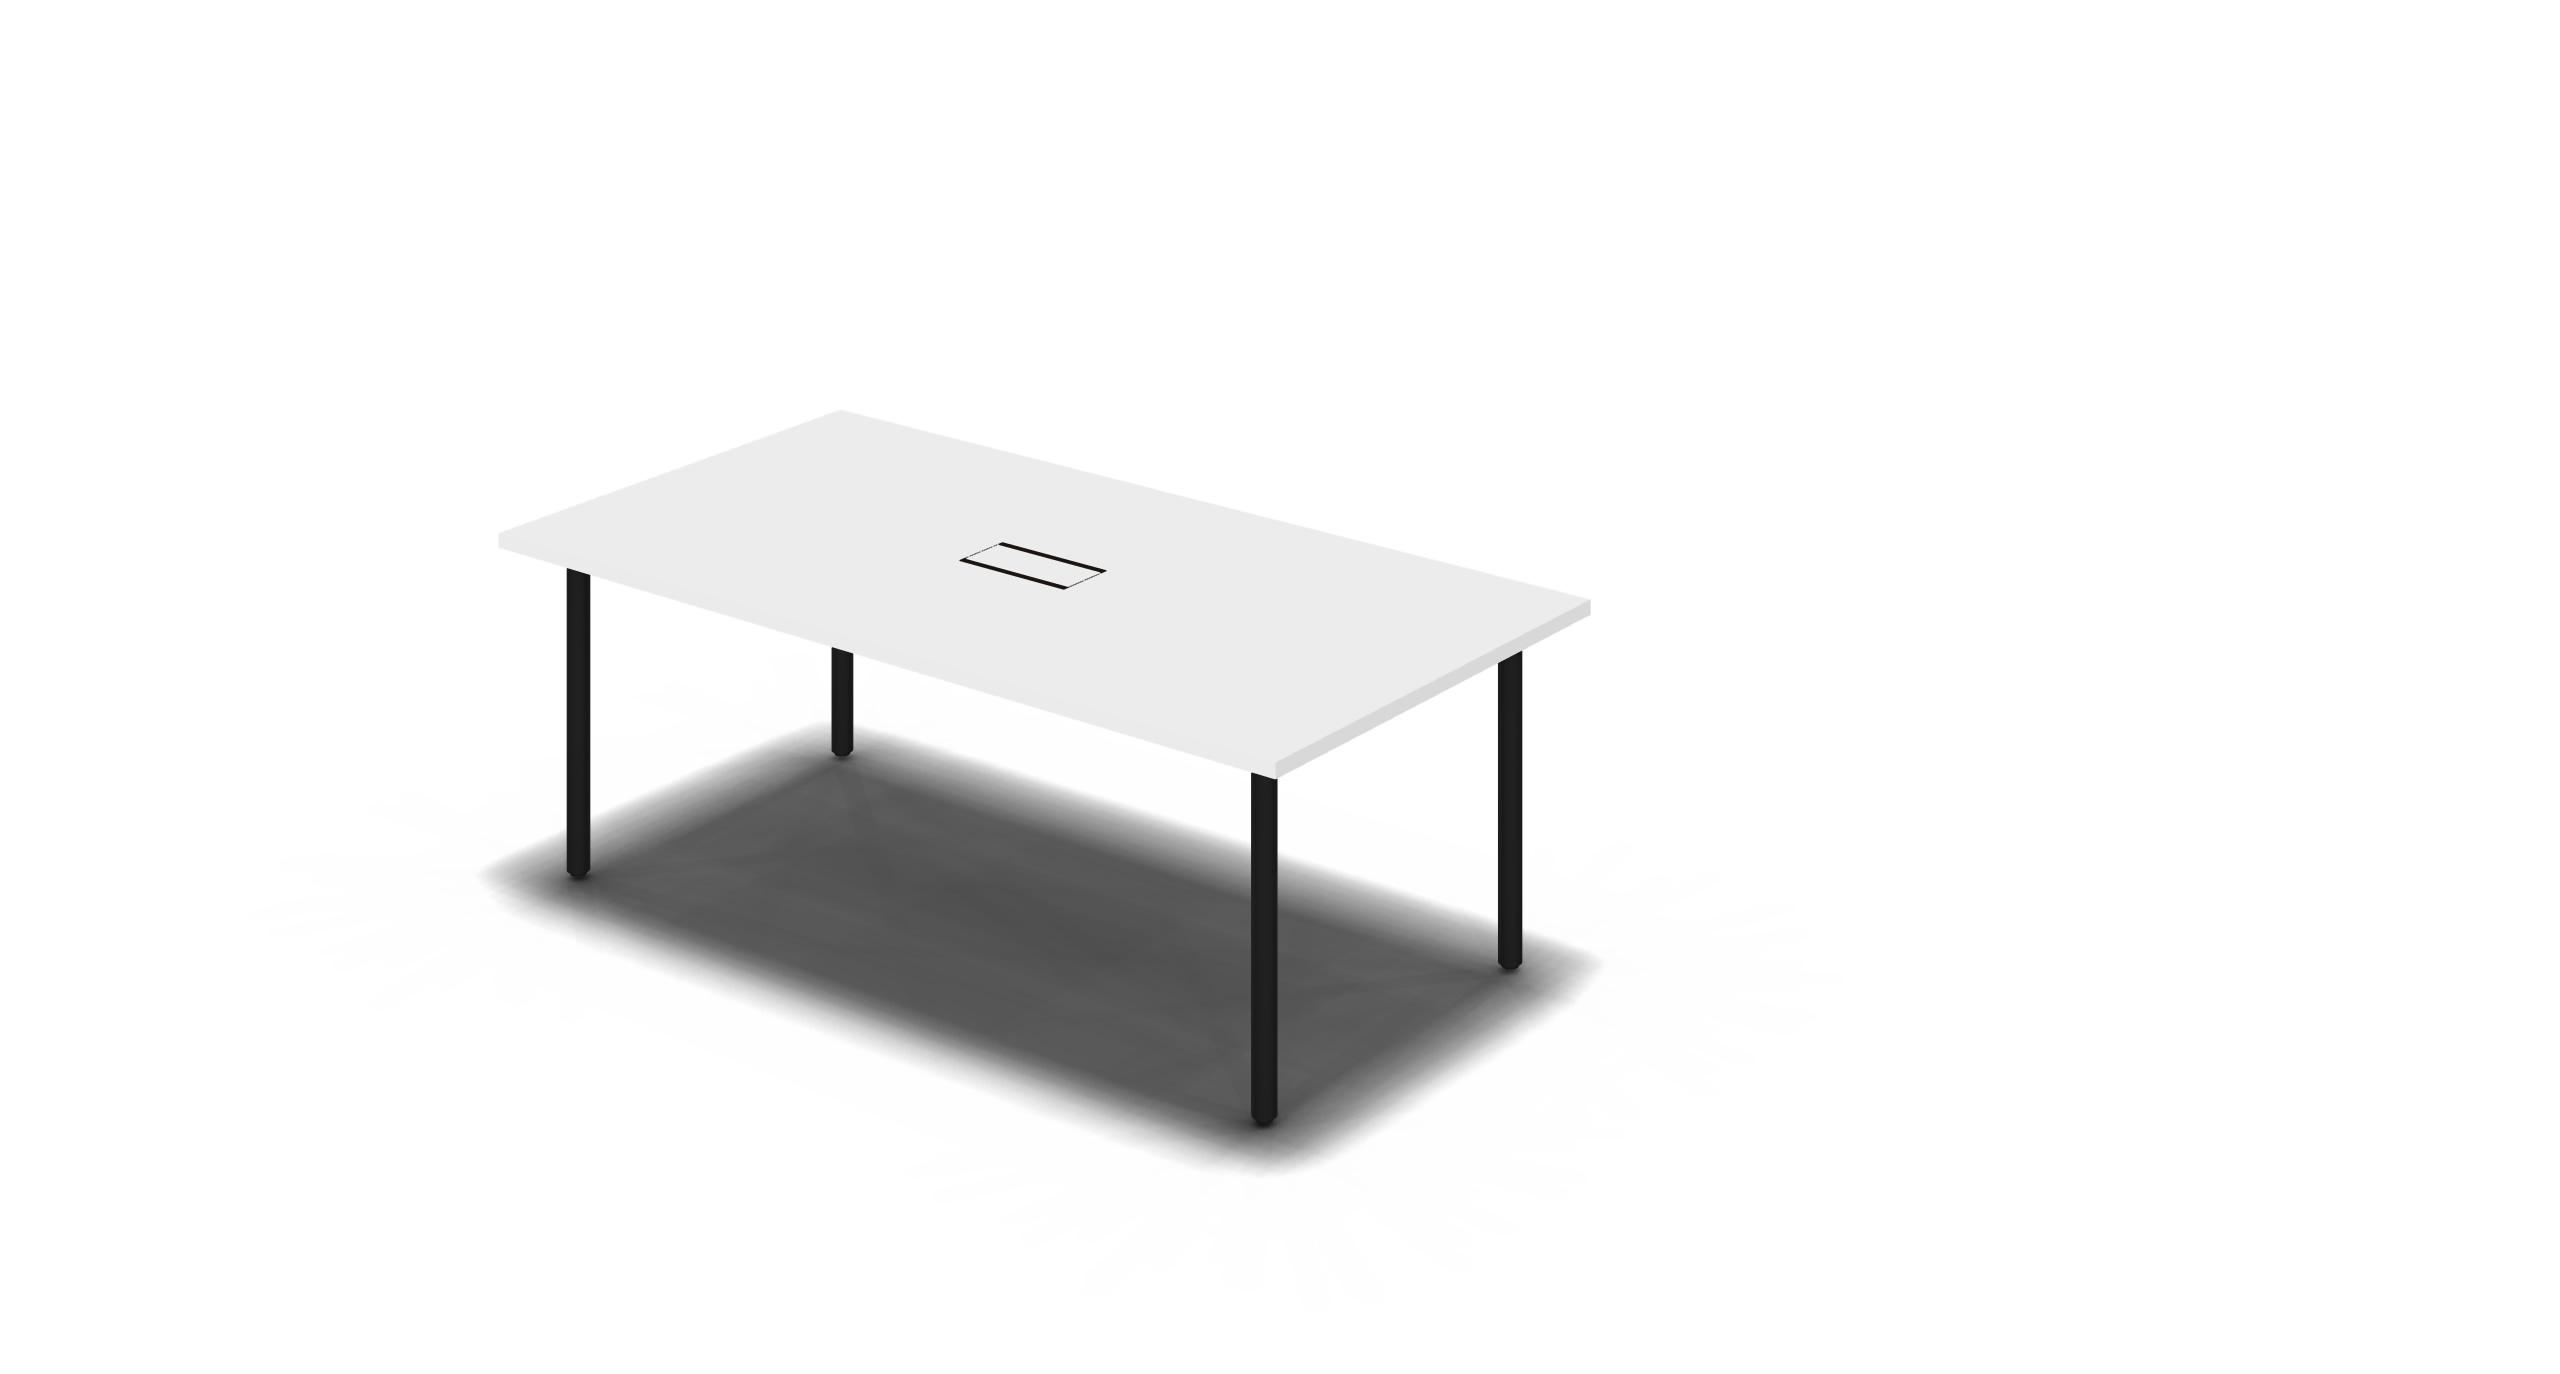 Table_Round_1800x900_Black_White_withOption